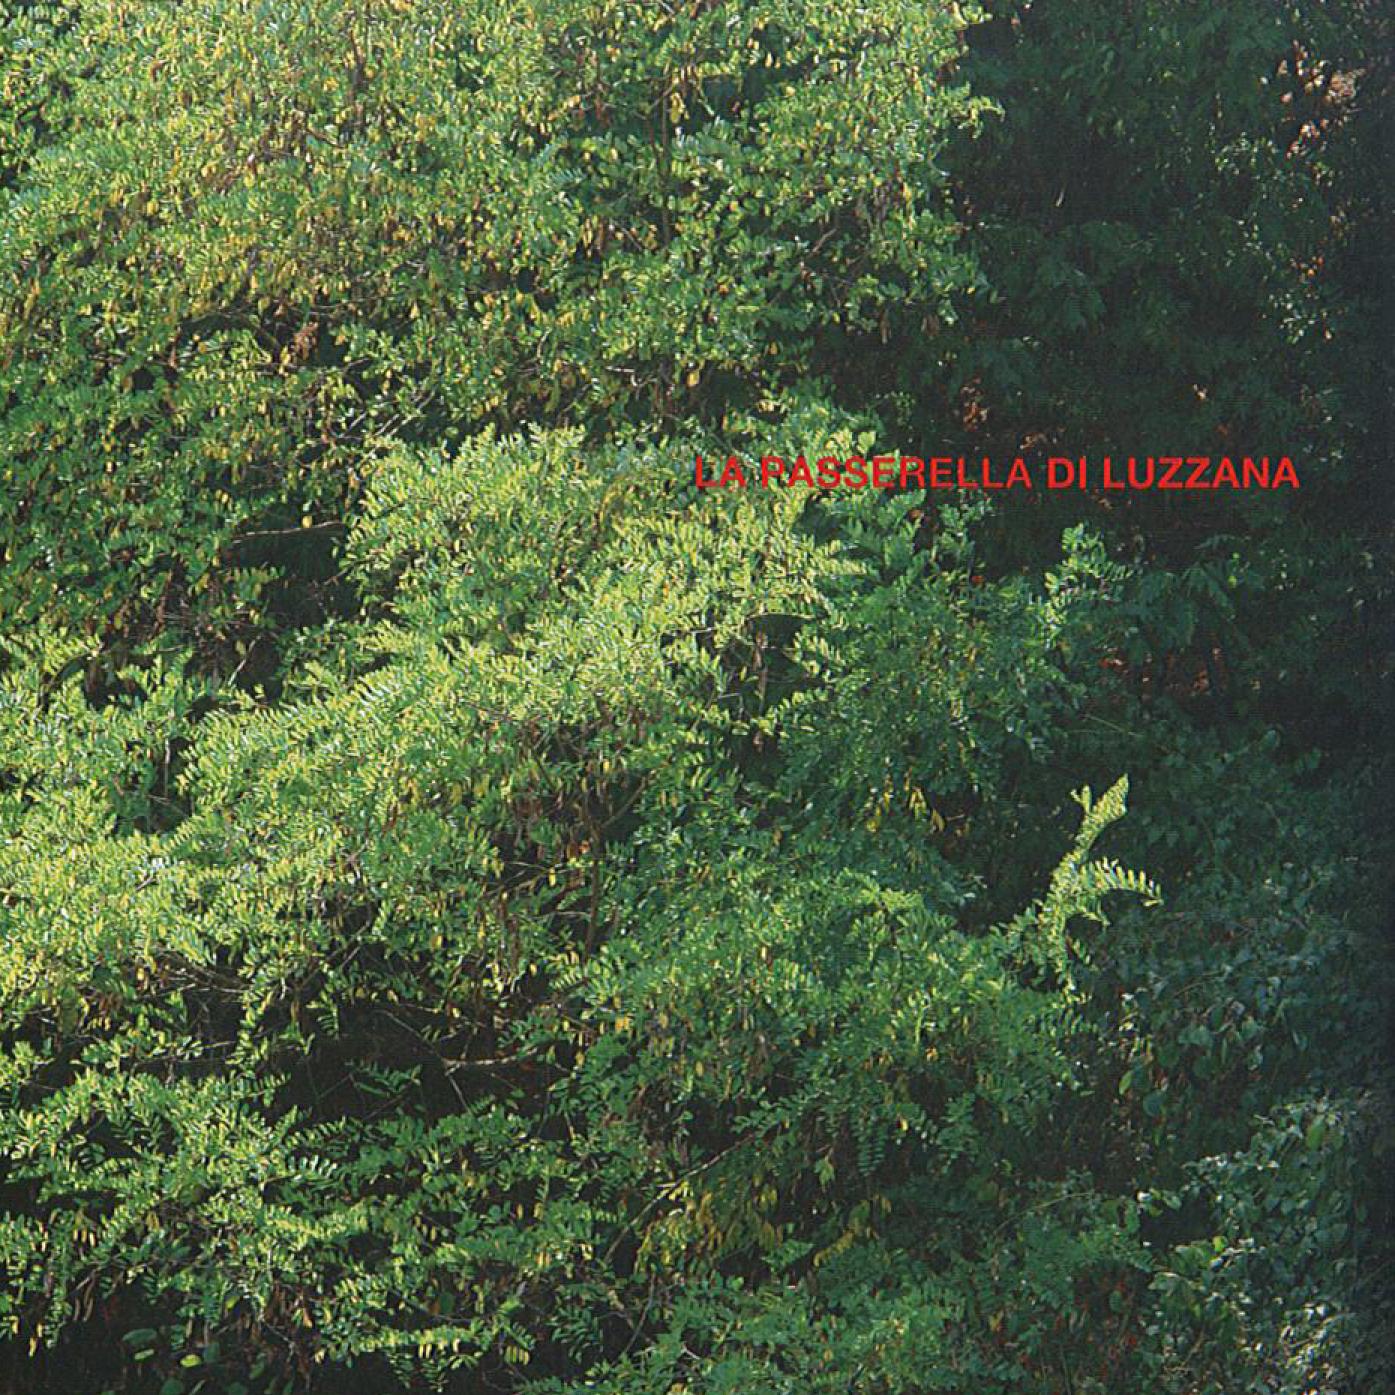 Pubblicazioni - La passerella di Luzzana - oberti+oberti   architetti